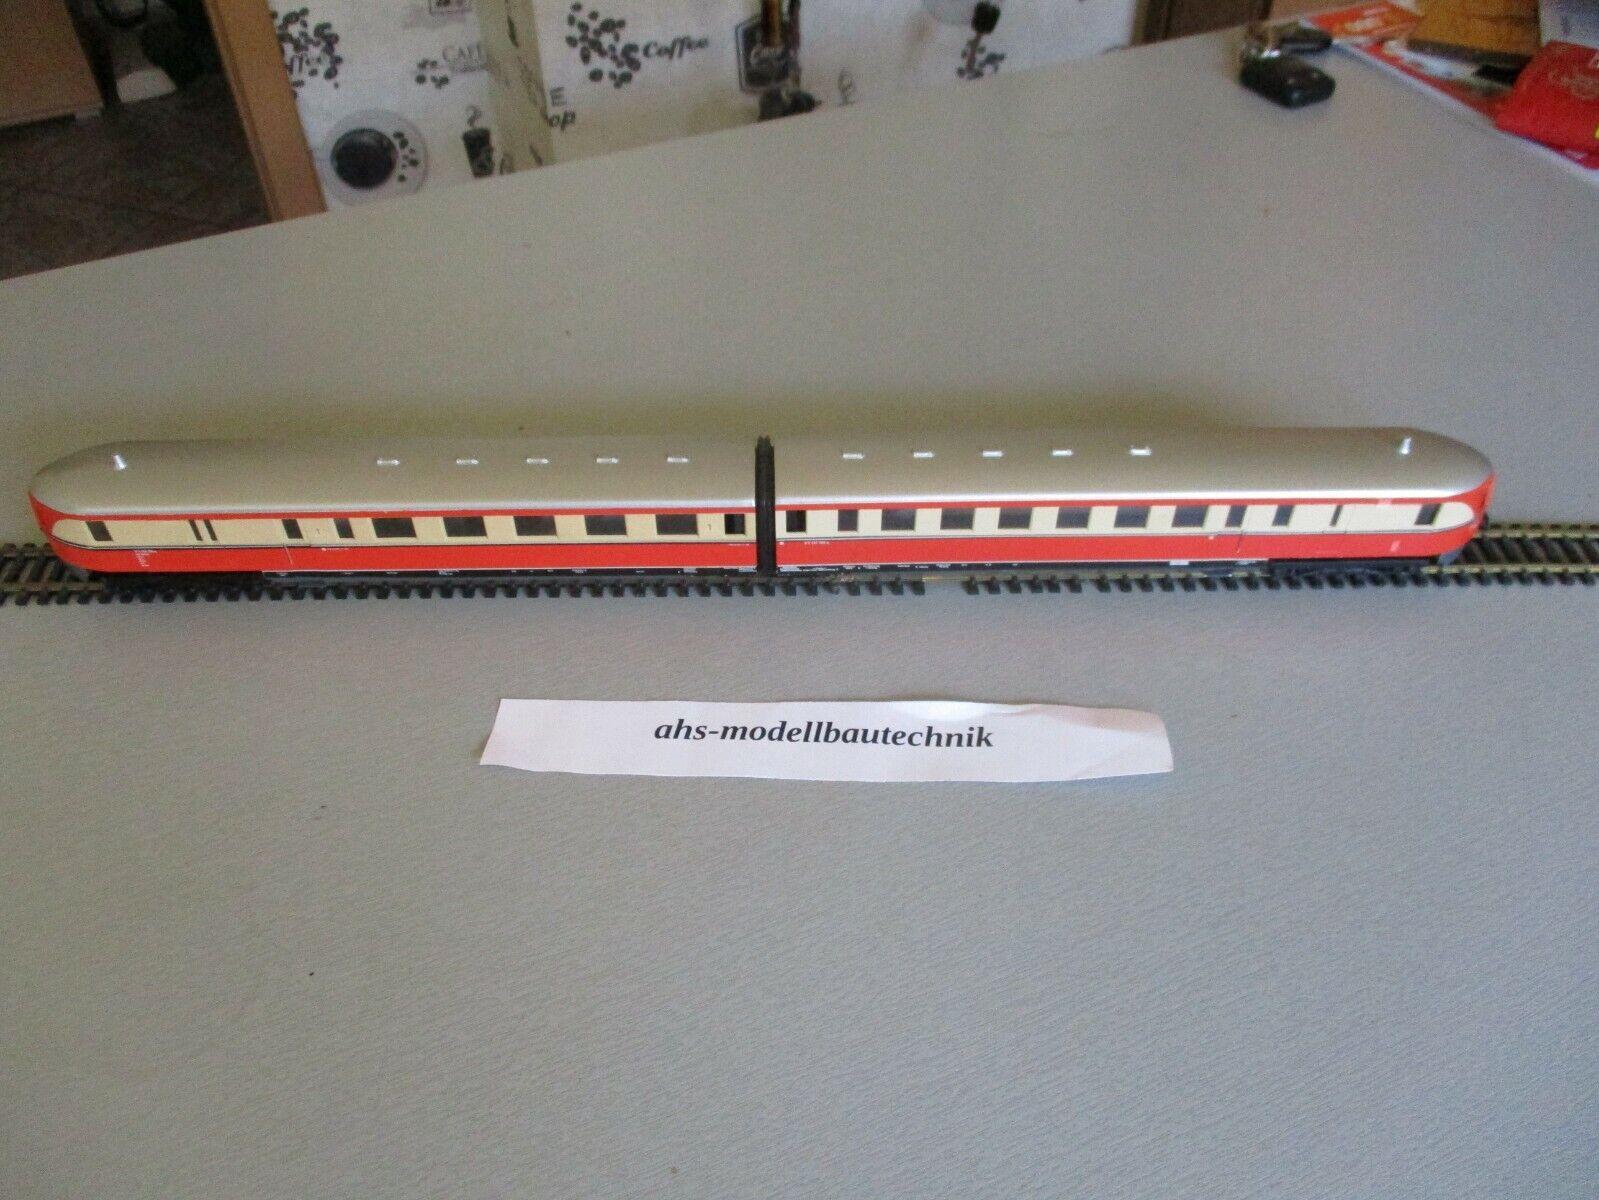 PIKO SVT 137, 2ceco treno rapido autoro trainante dell'DR traccia per h0.